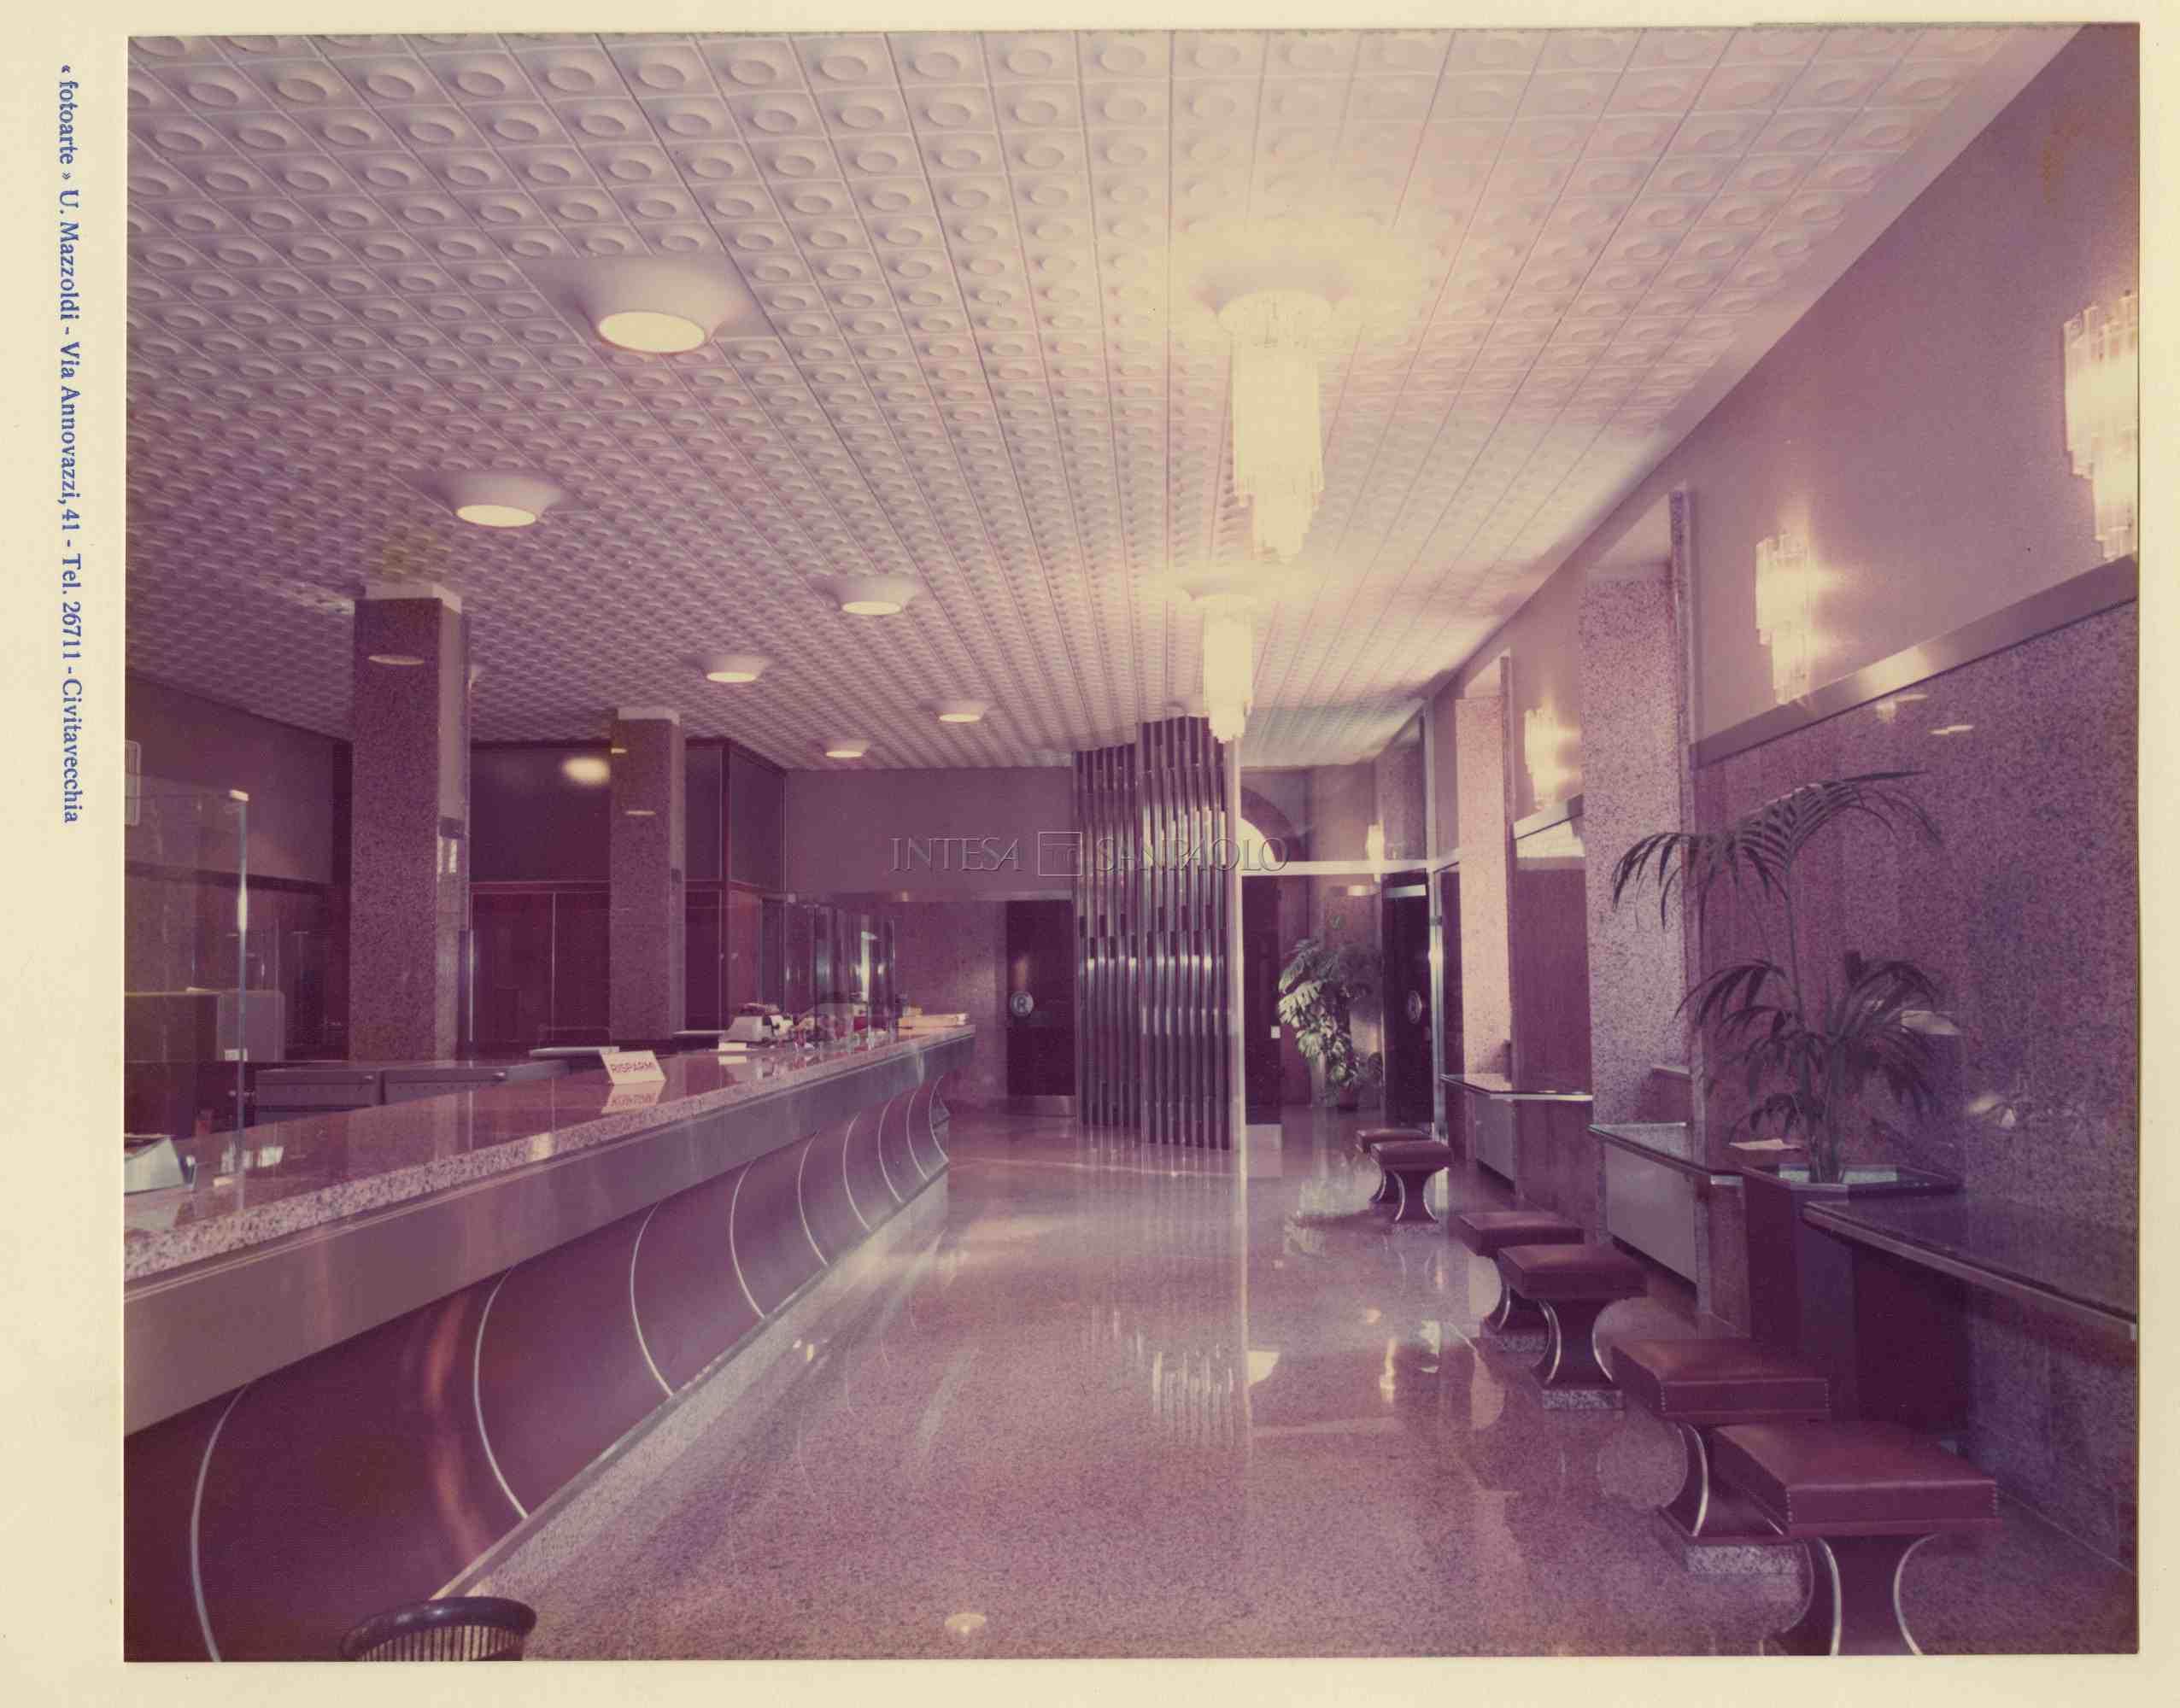 Civitavecchia interno della sede centrale post 1976 foto di Umberto Mazzoldi